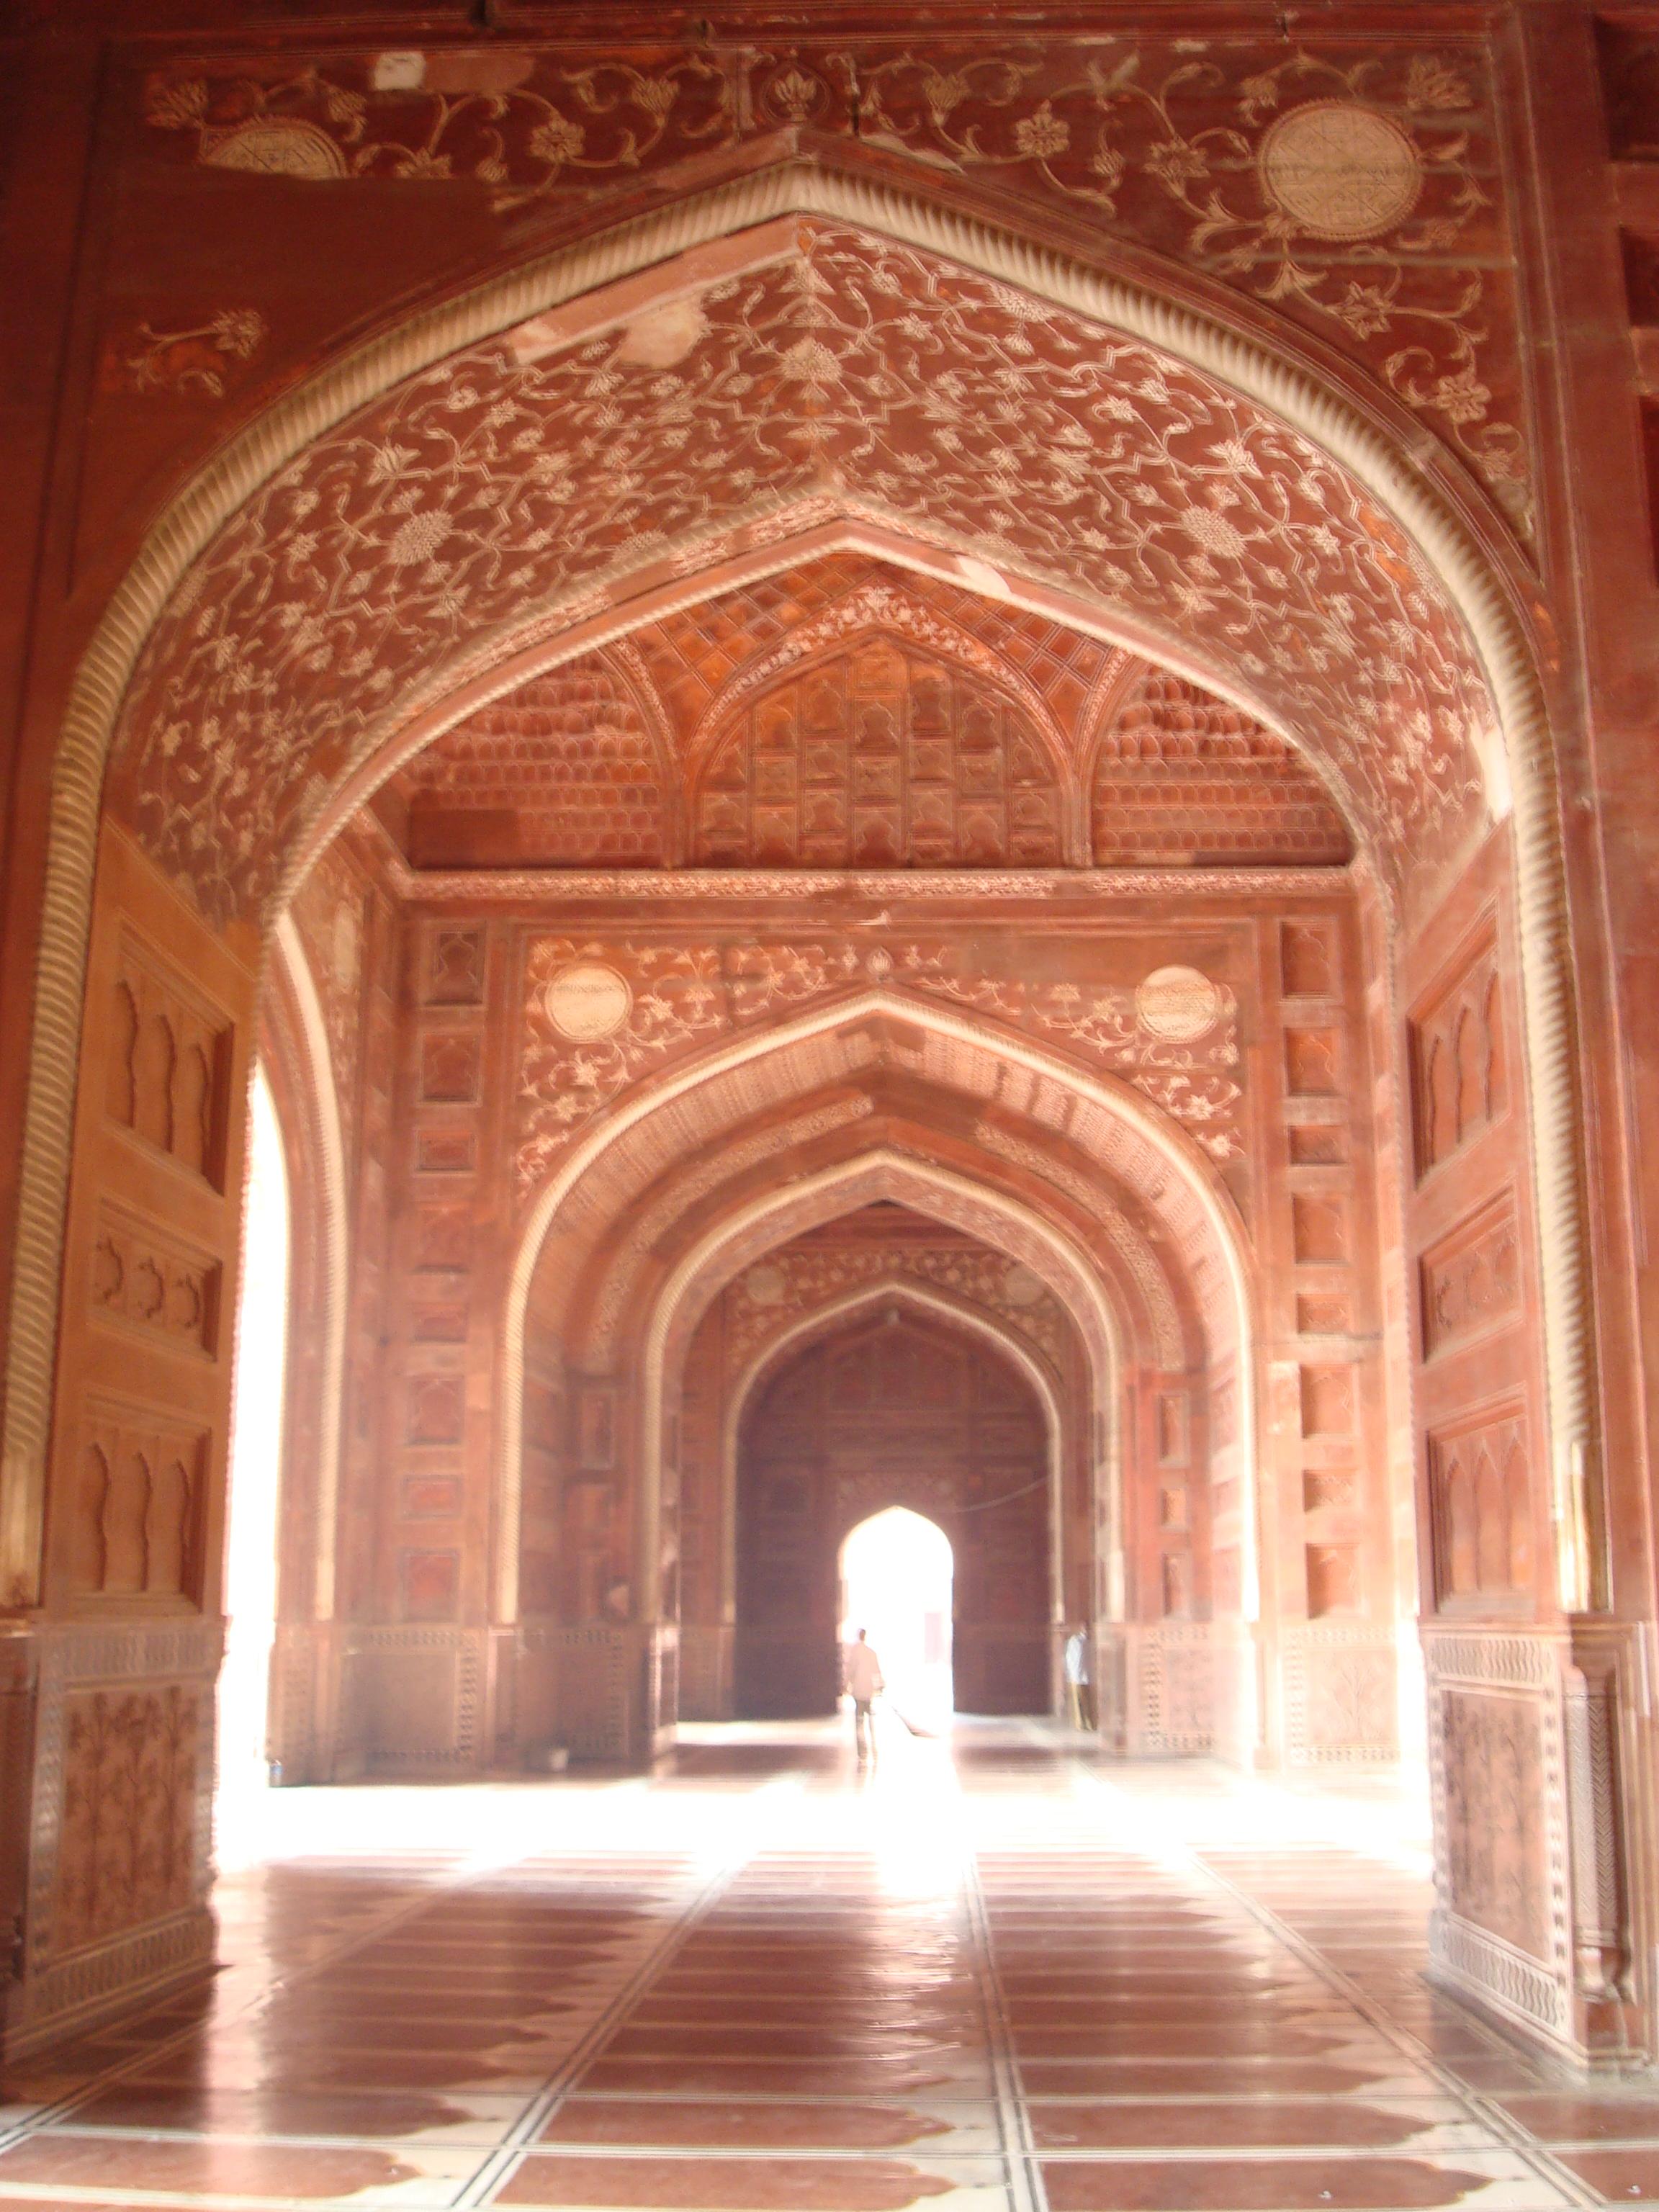 File:Arches In The Taj Mahal Mosque Interior, Agra